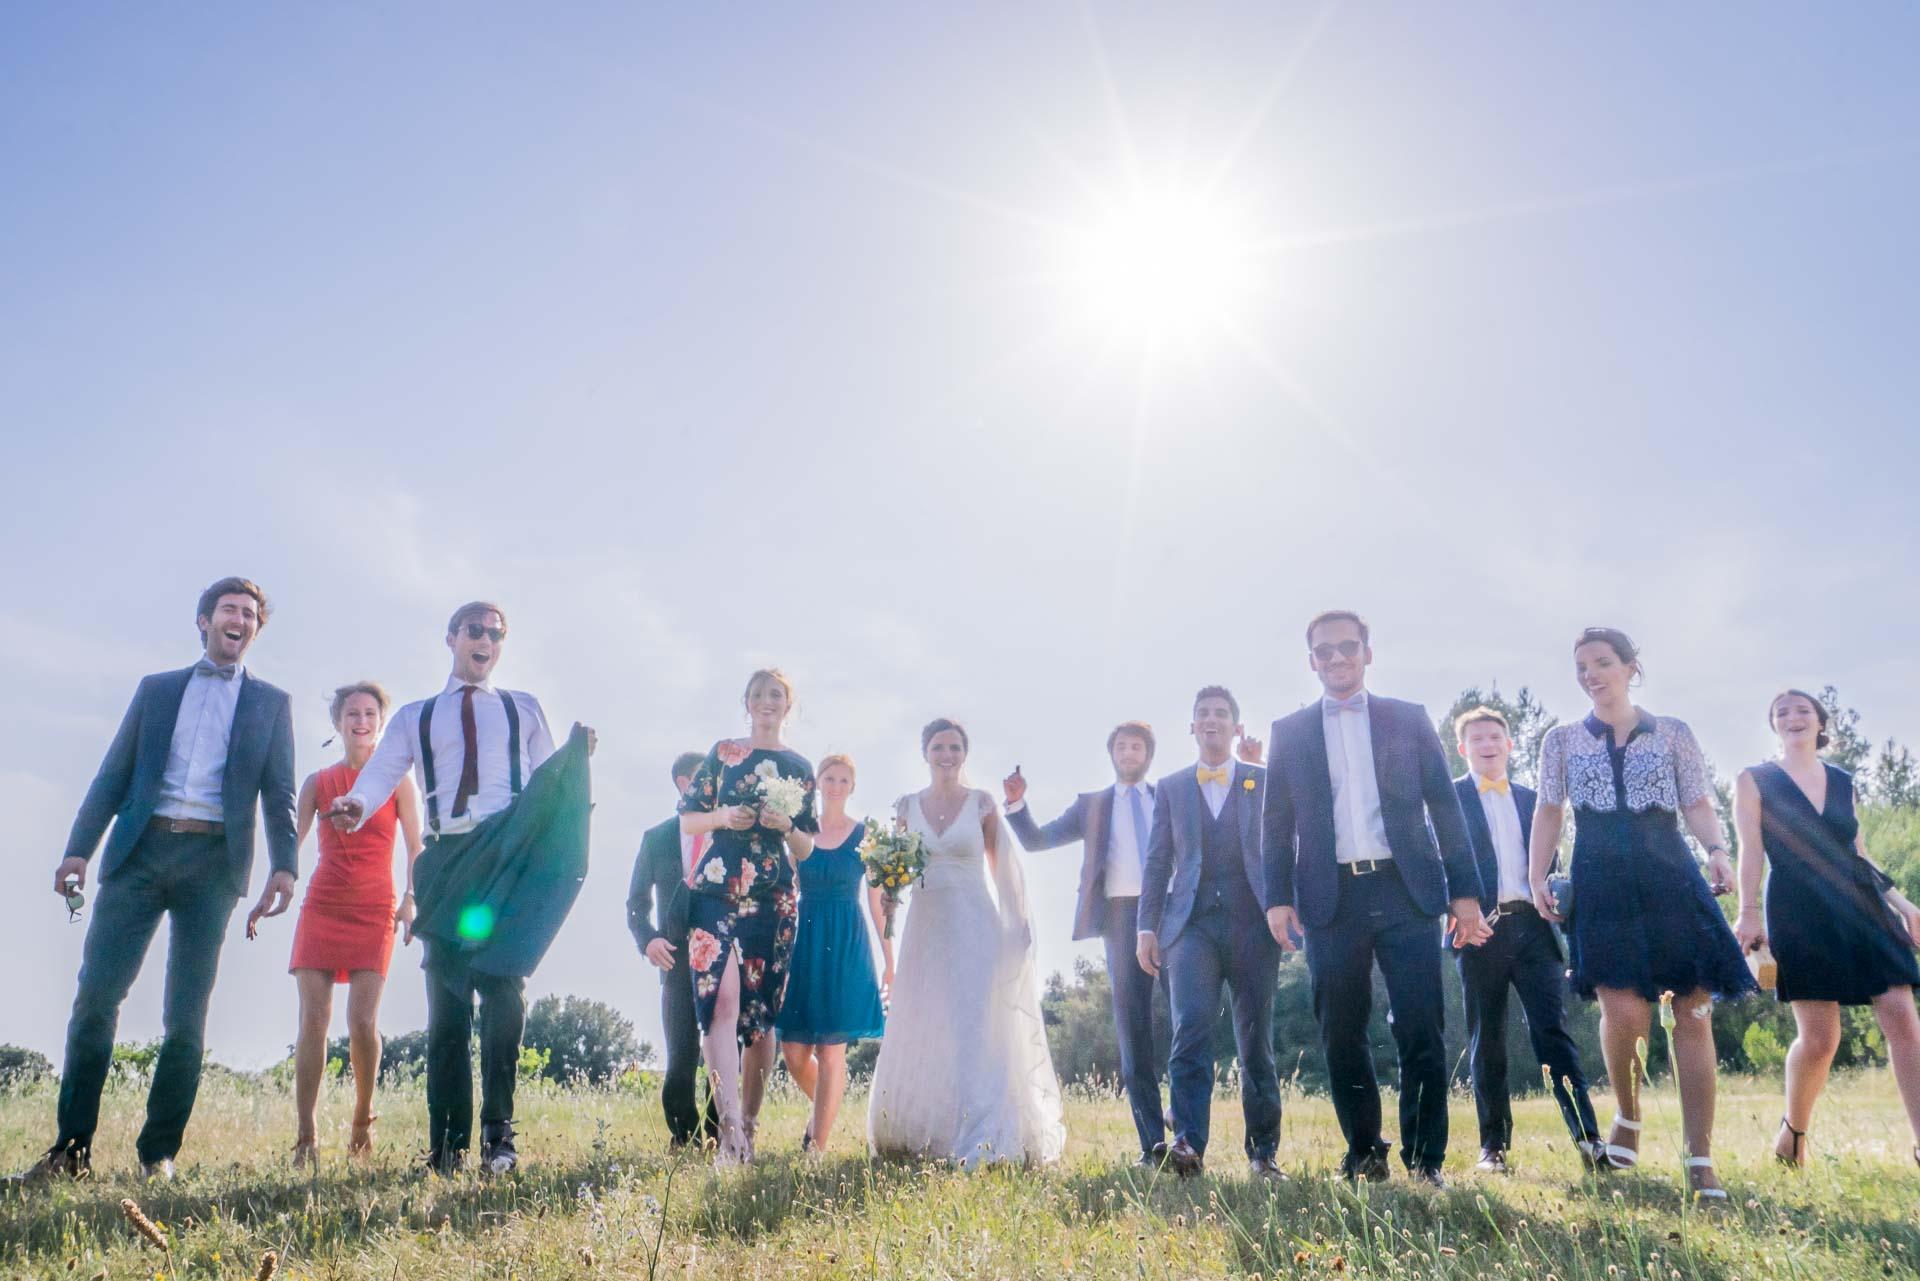 les mariés et leirs invités marchent dans un champ sous le soleil